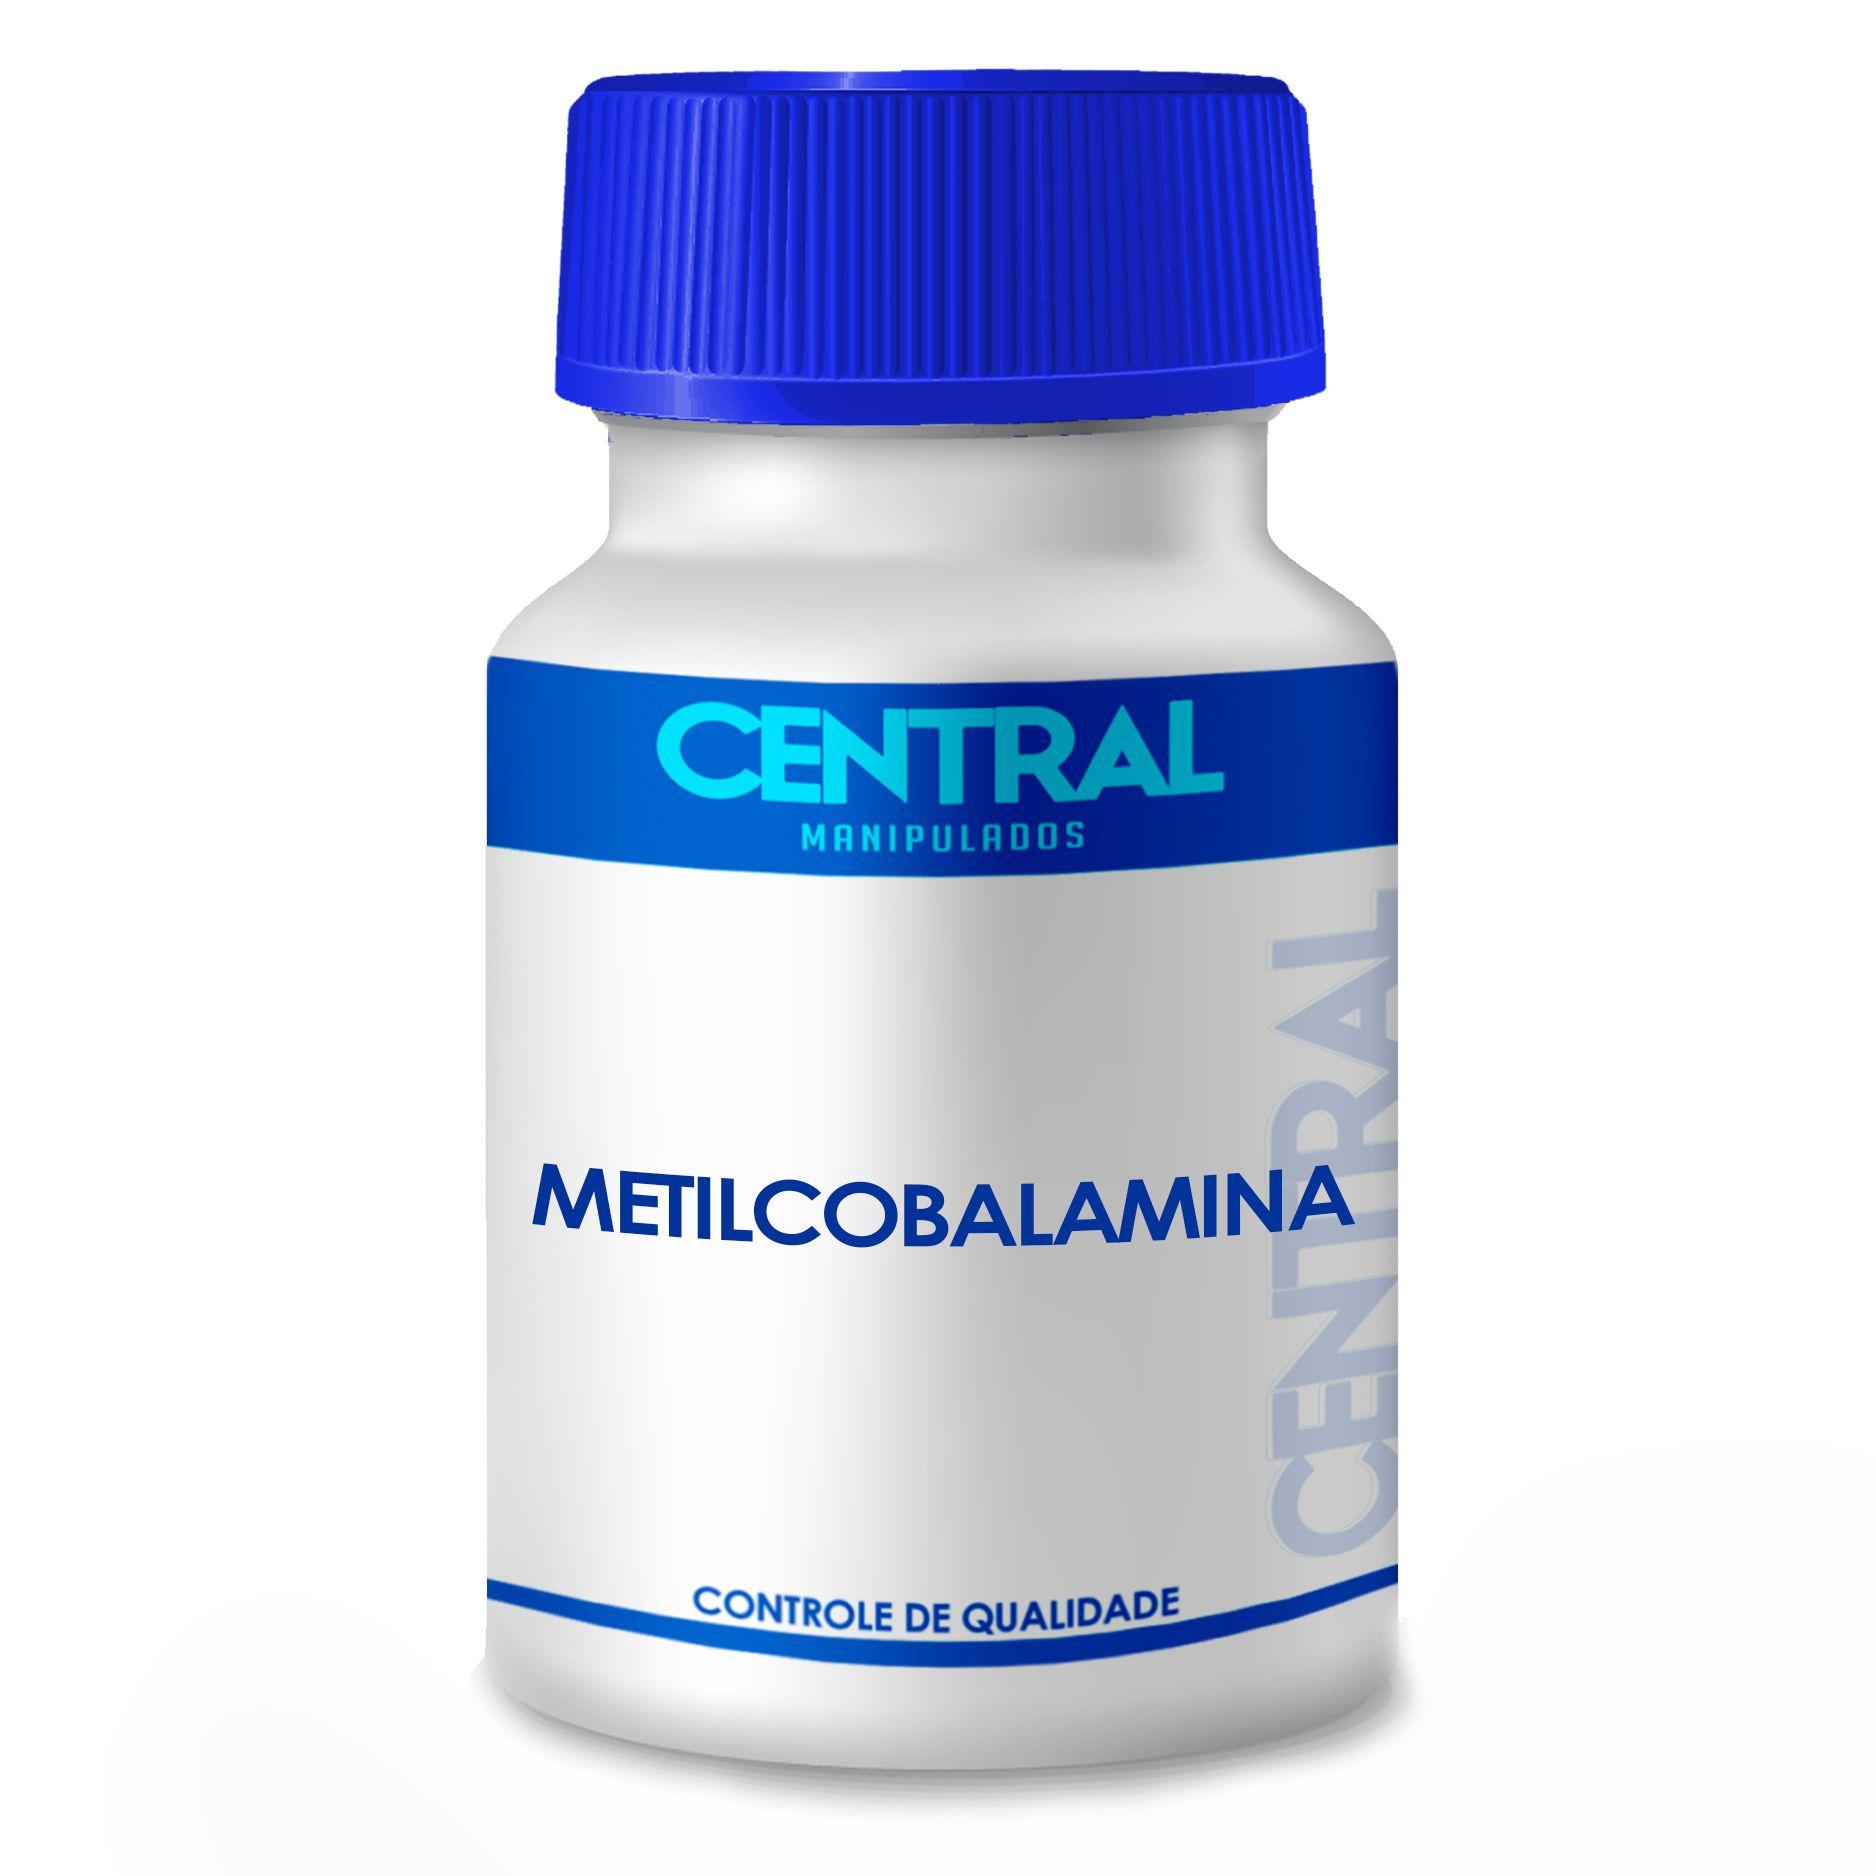 Metilcobalamina - Vitamina B12 - Sublingual 800mcg 120 cápsulas